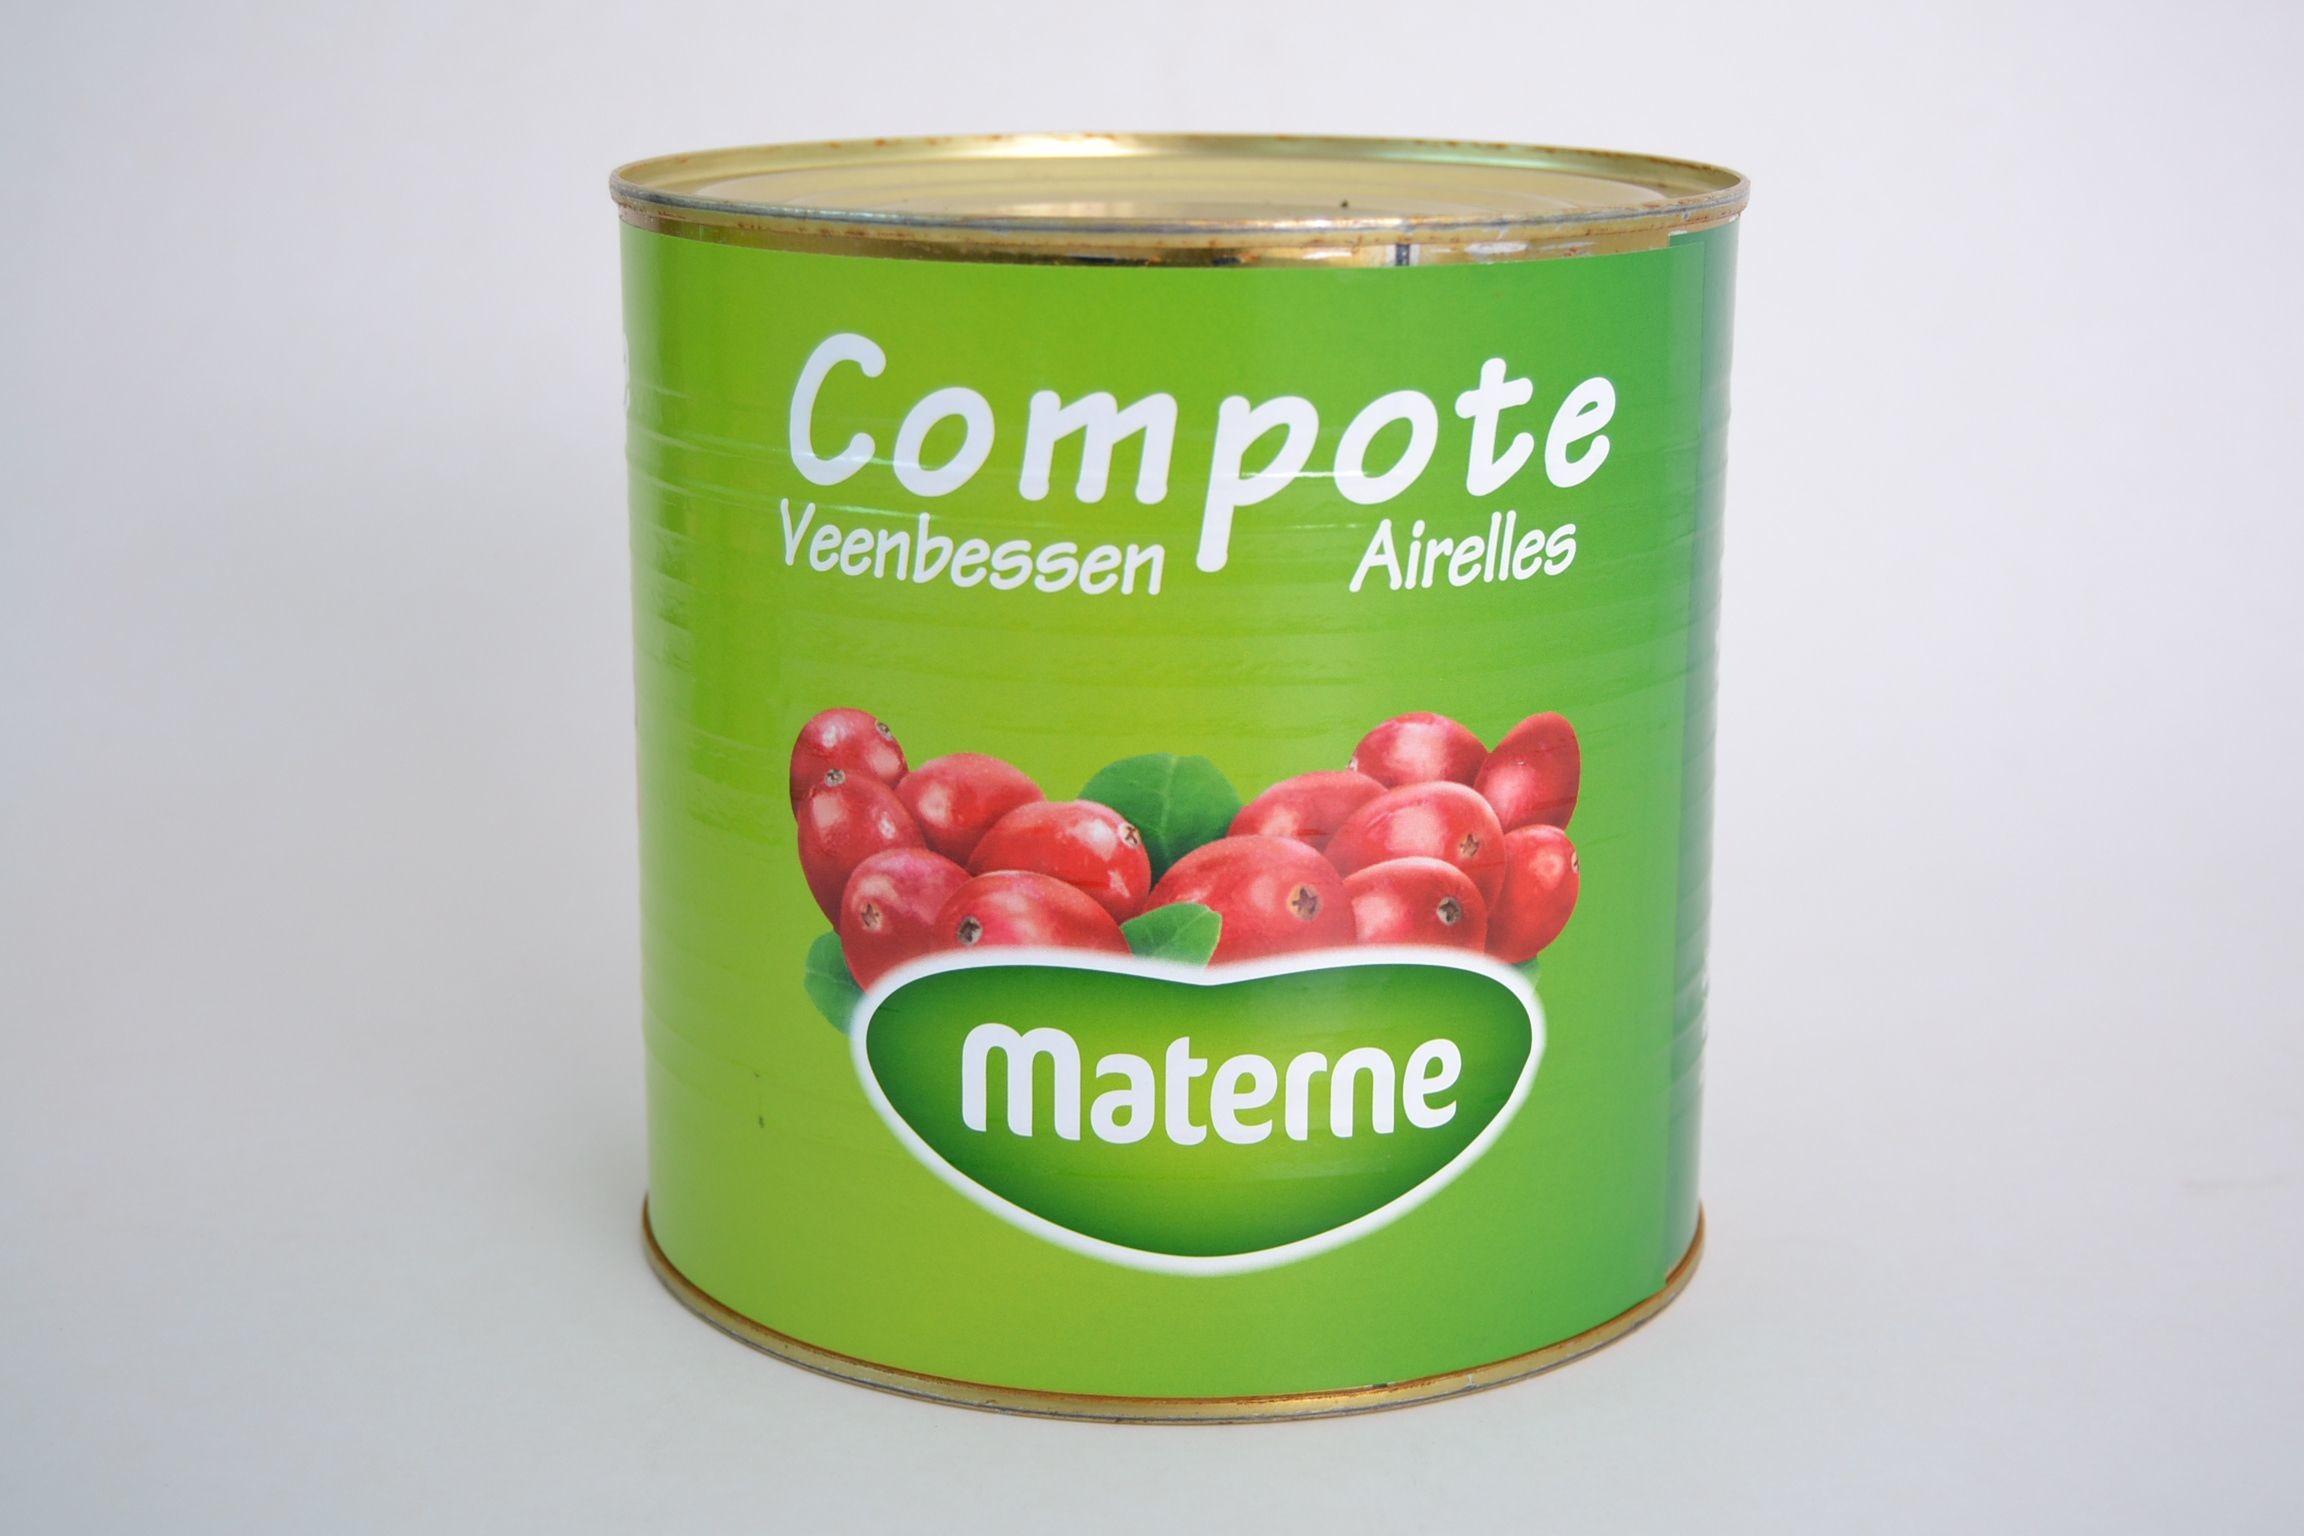 Materne airelles en compote 2.9kg boite